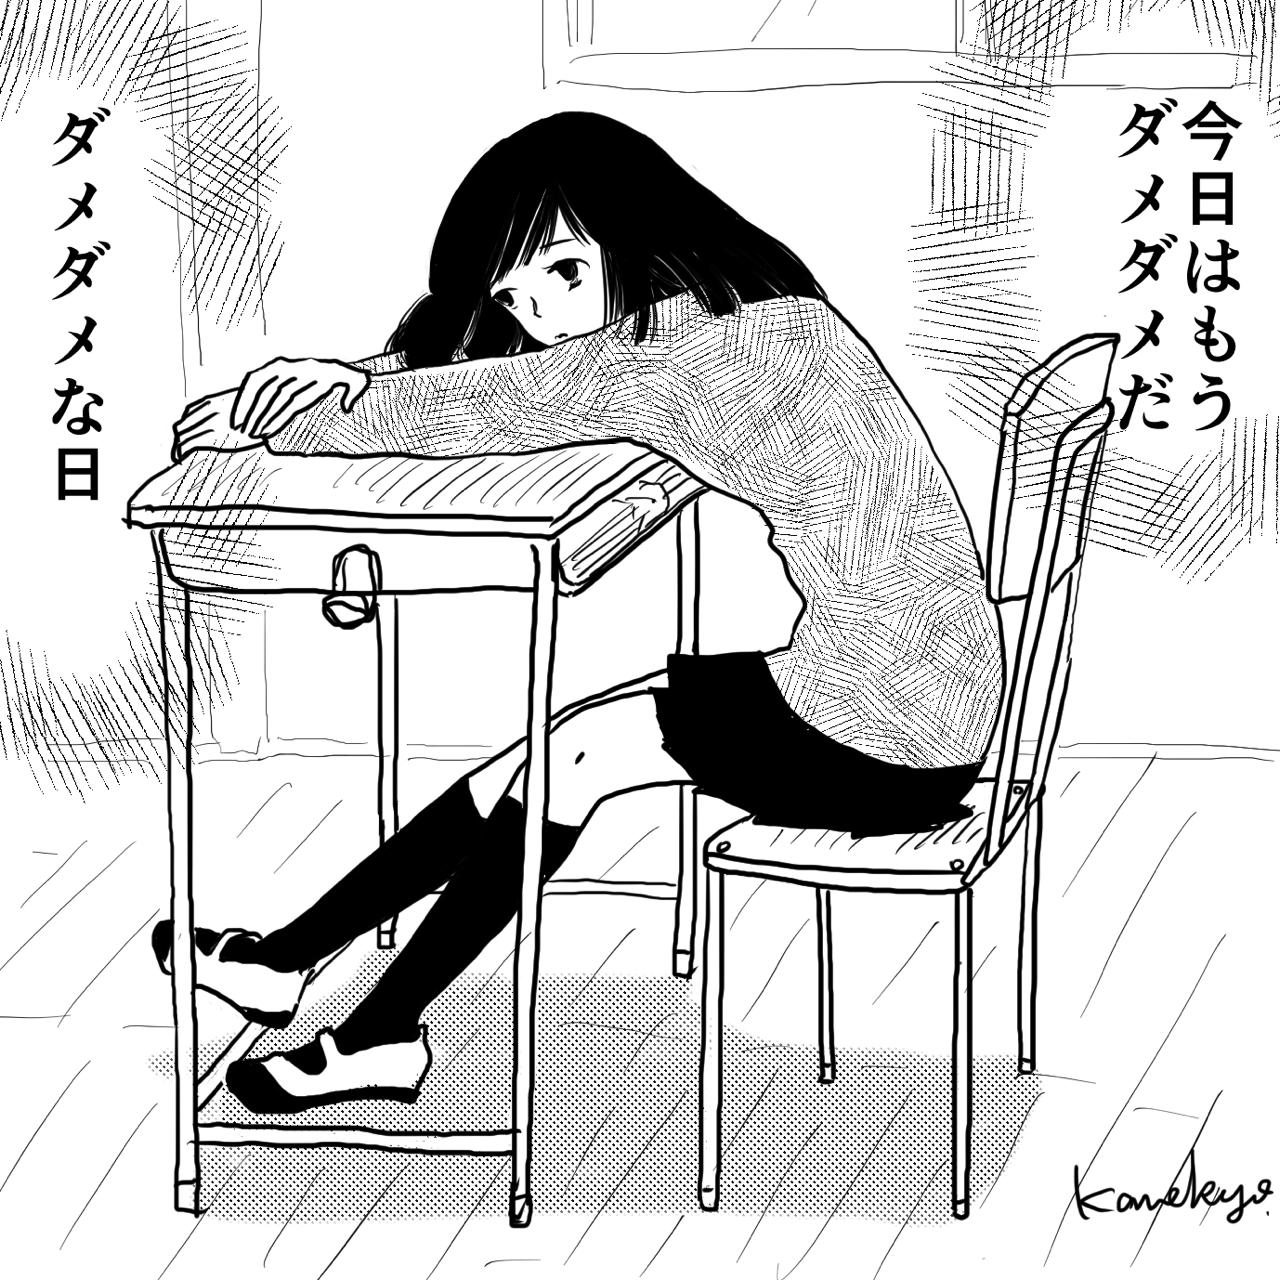 かったるい子 かねきょ 漫画 イラスト Note